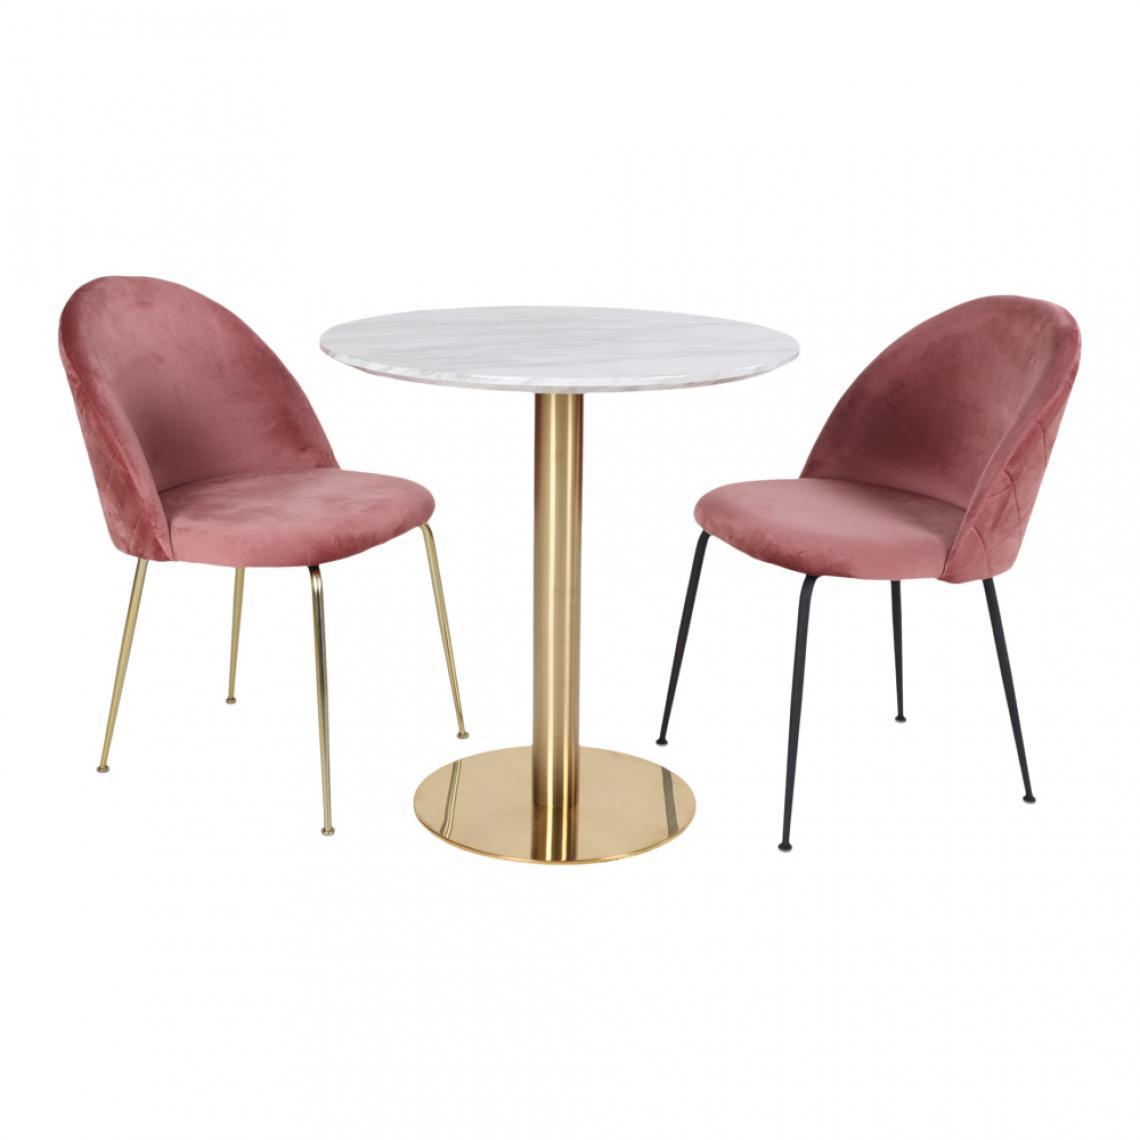 Table À Manger Ronde En Acier Imitation Marbre Couci Plus De Détails encequiconcerne Table Salle A Manger En Marbre